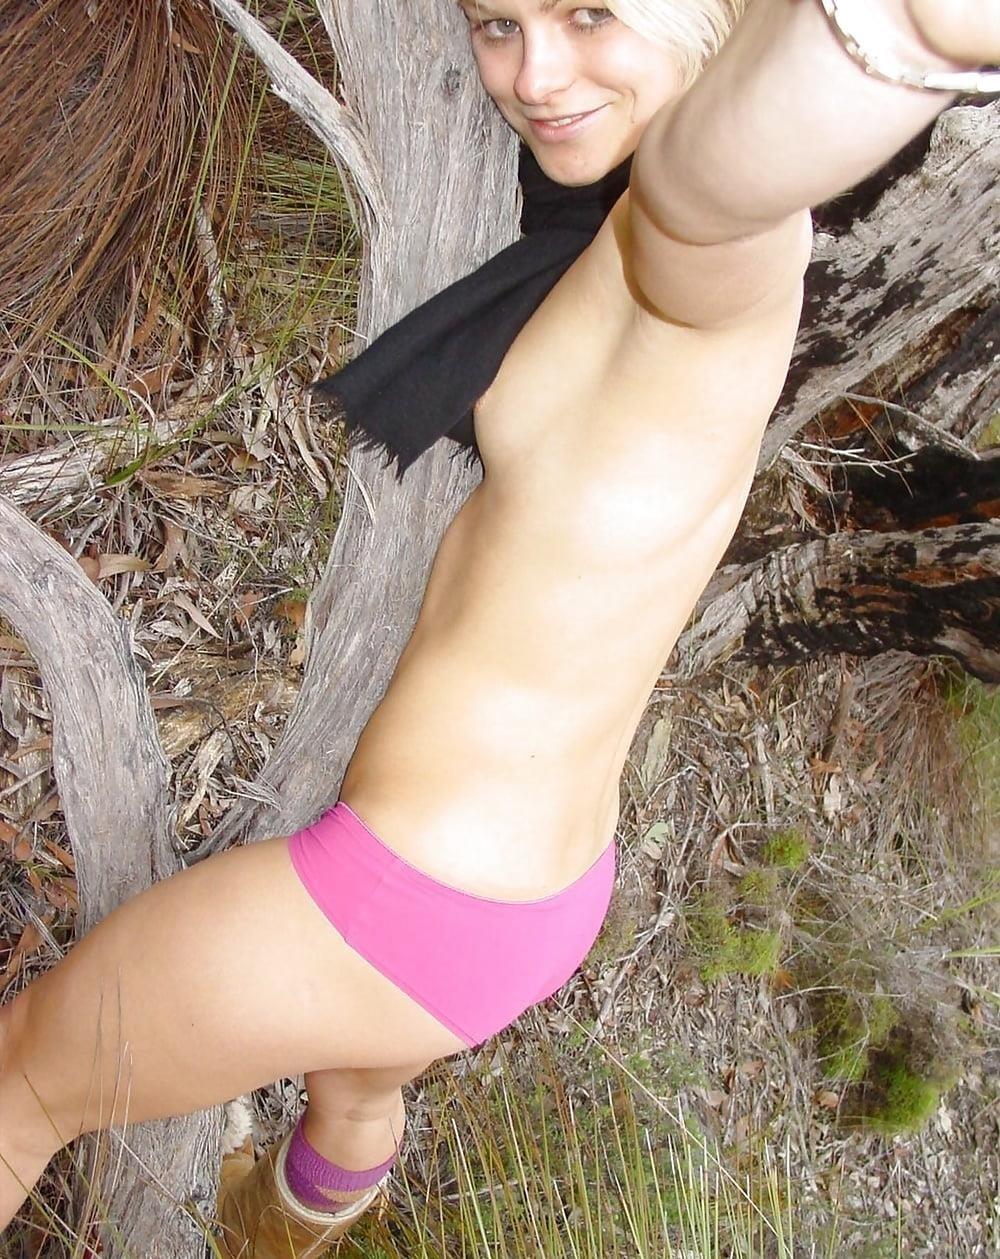 Naked girl taking selfie-9854